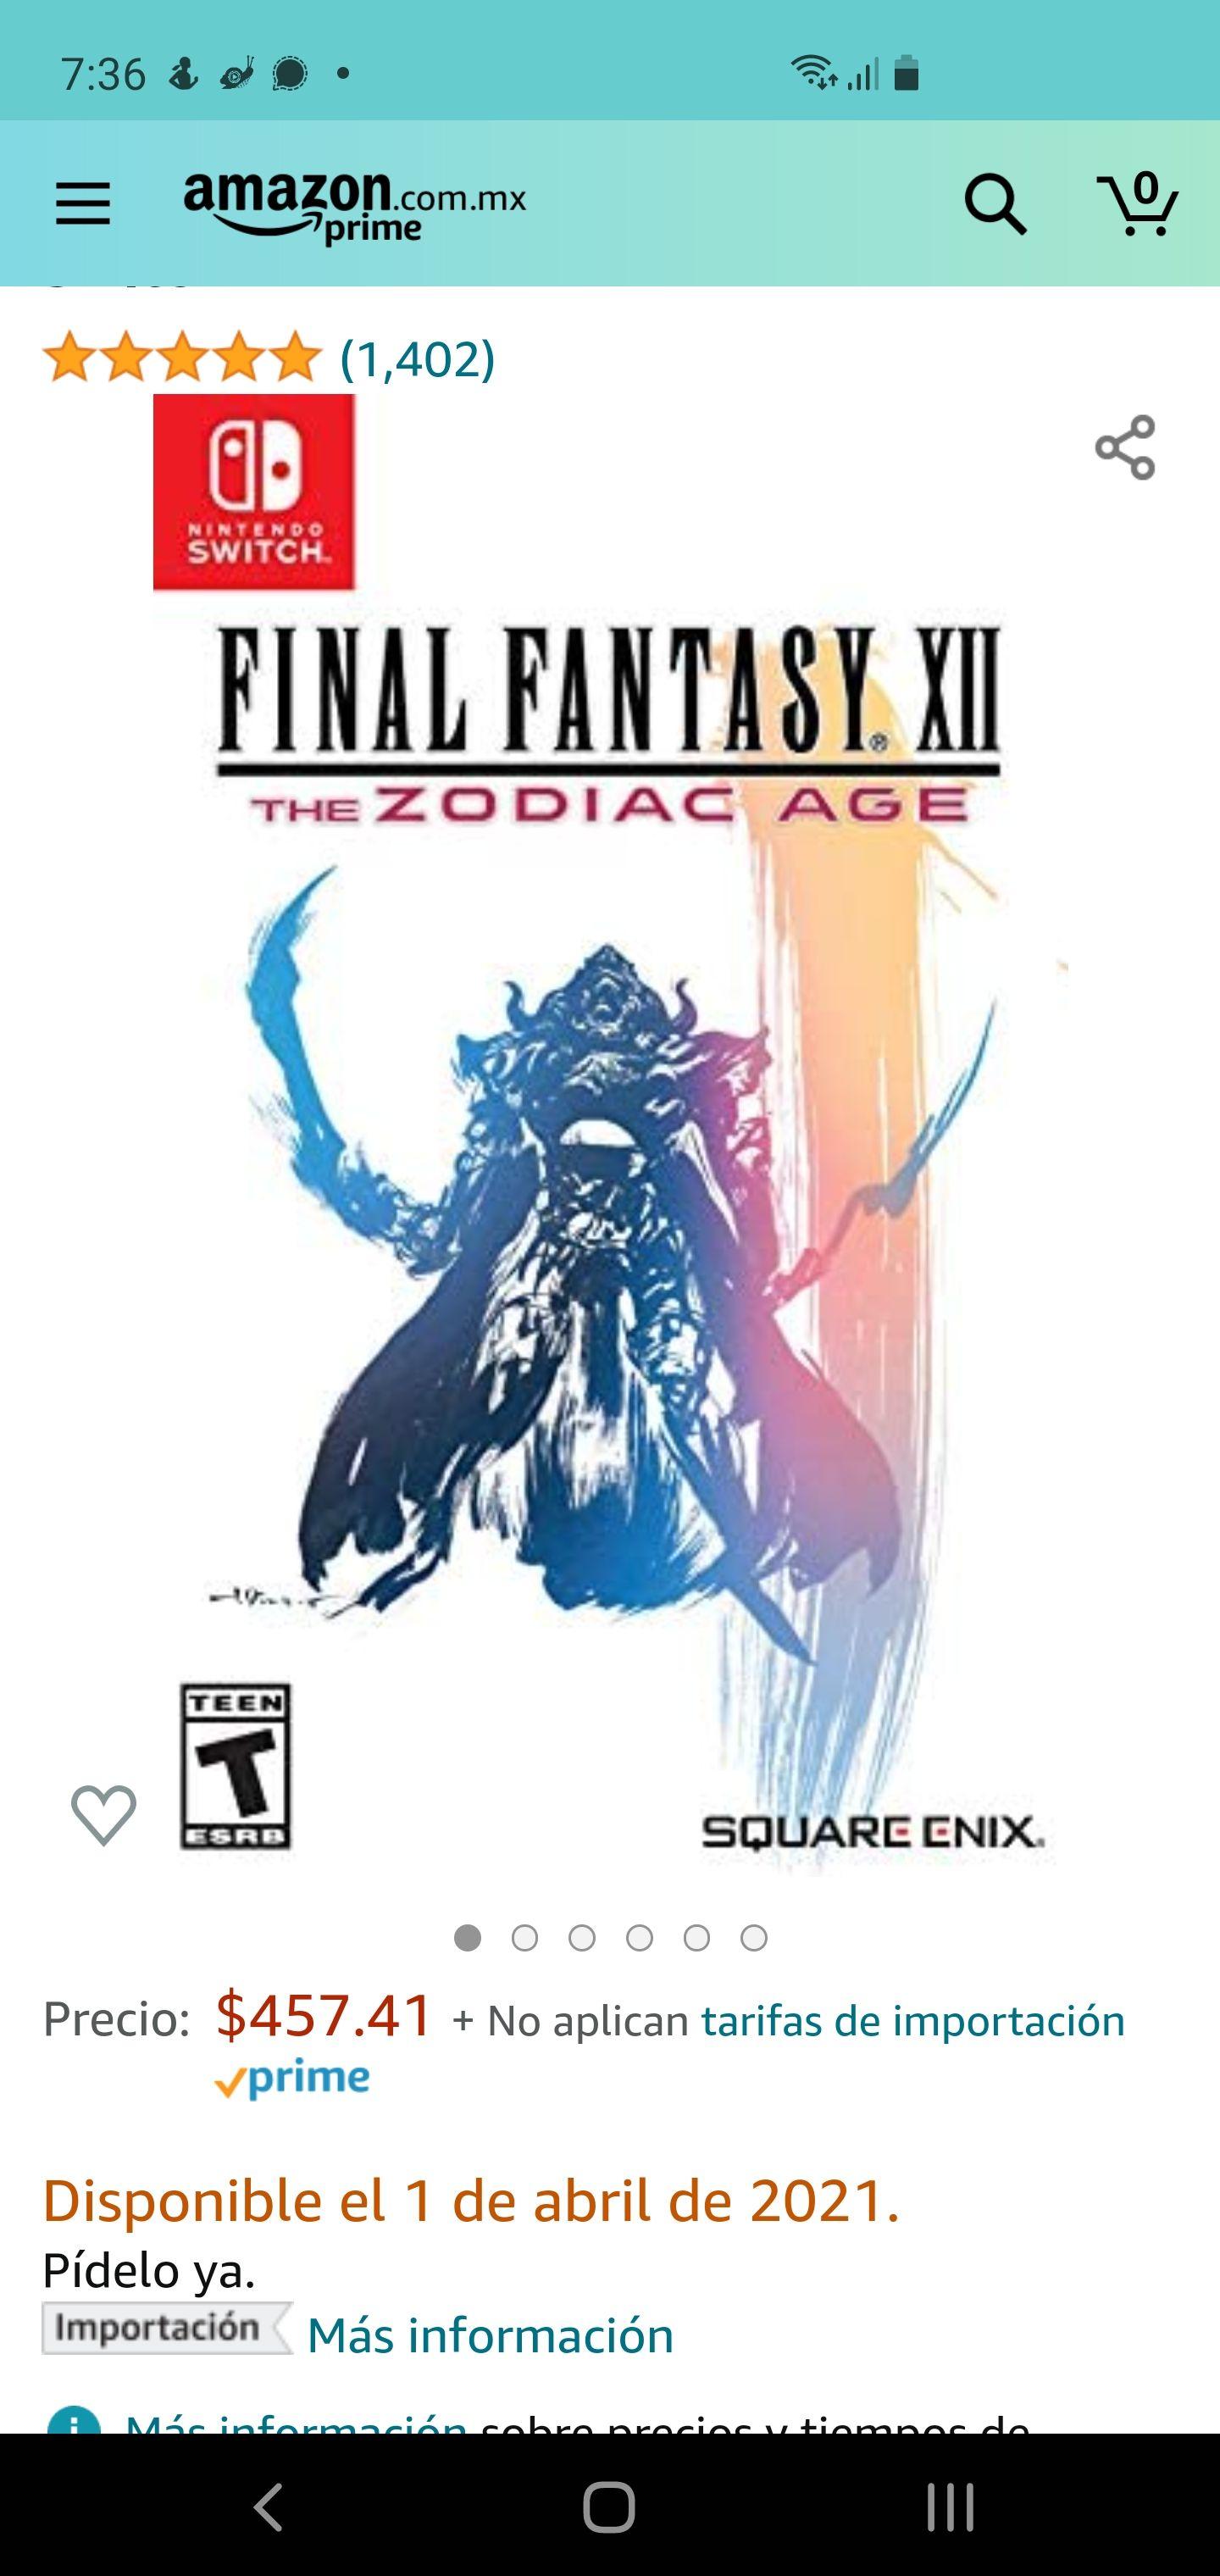 Amazon, Final Fantasy XII SWITCH